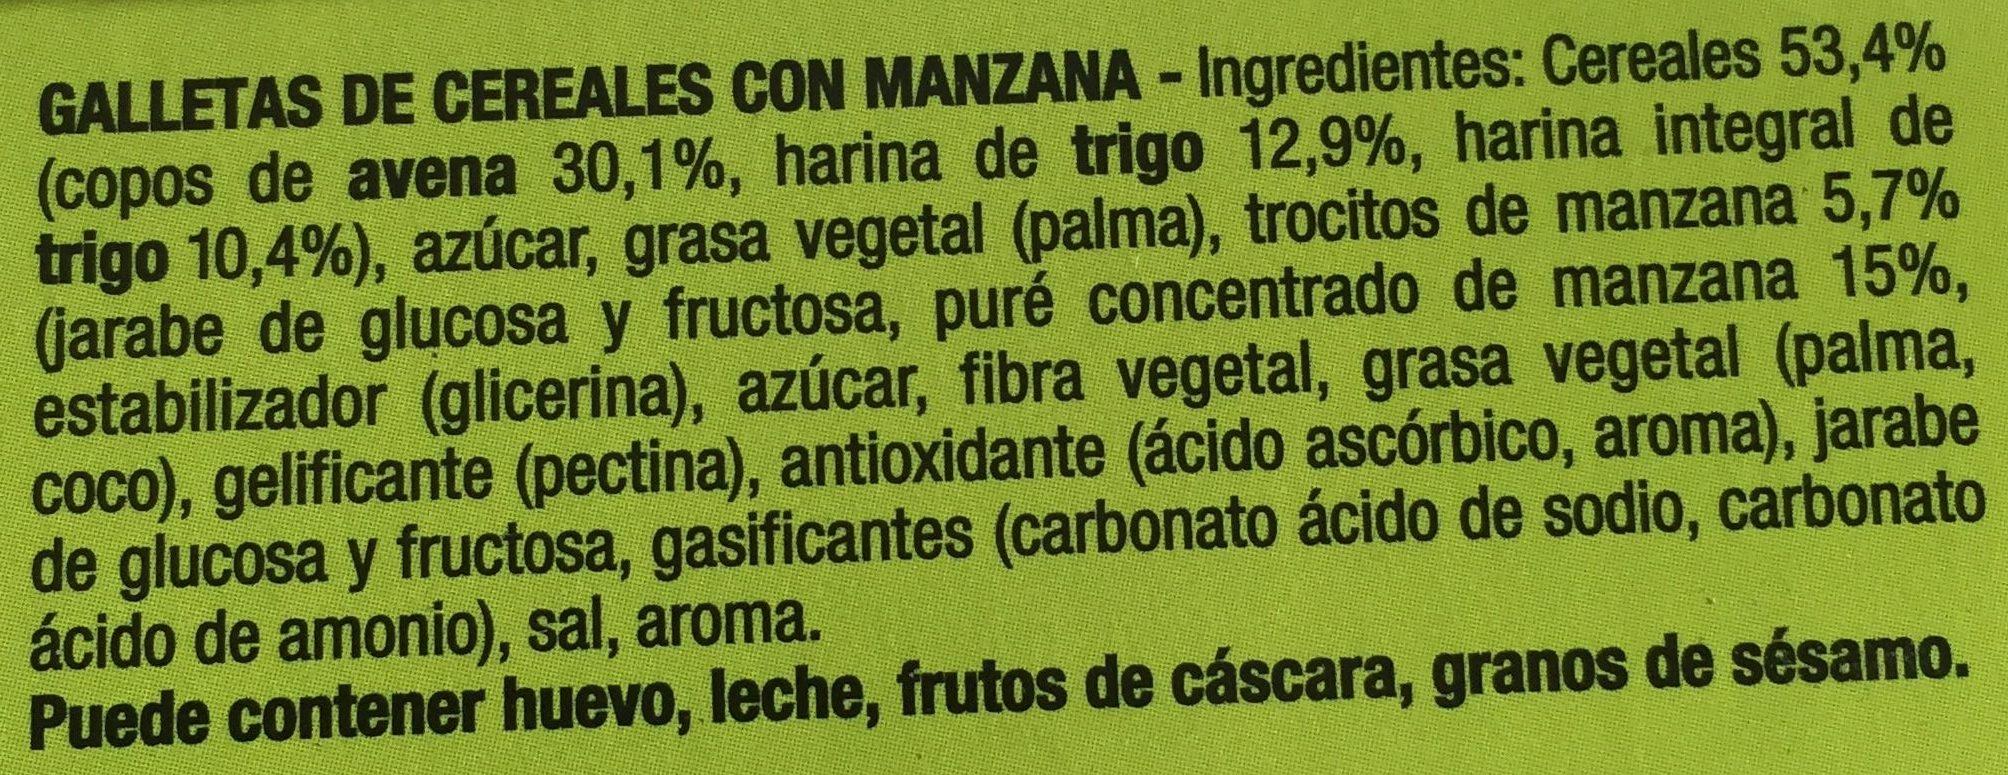 Digestive Go - Fontaneda - 171 Grammes (6x2galletas) - Ingredientes - es